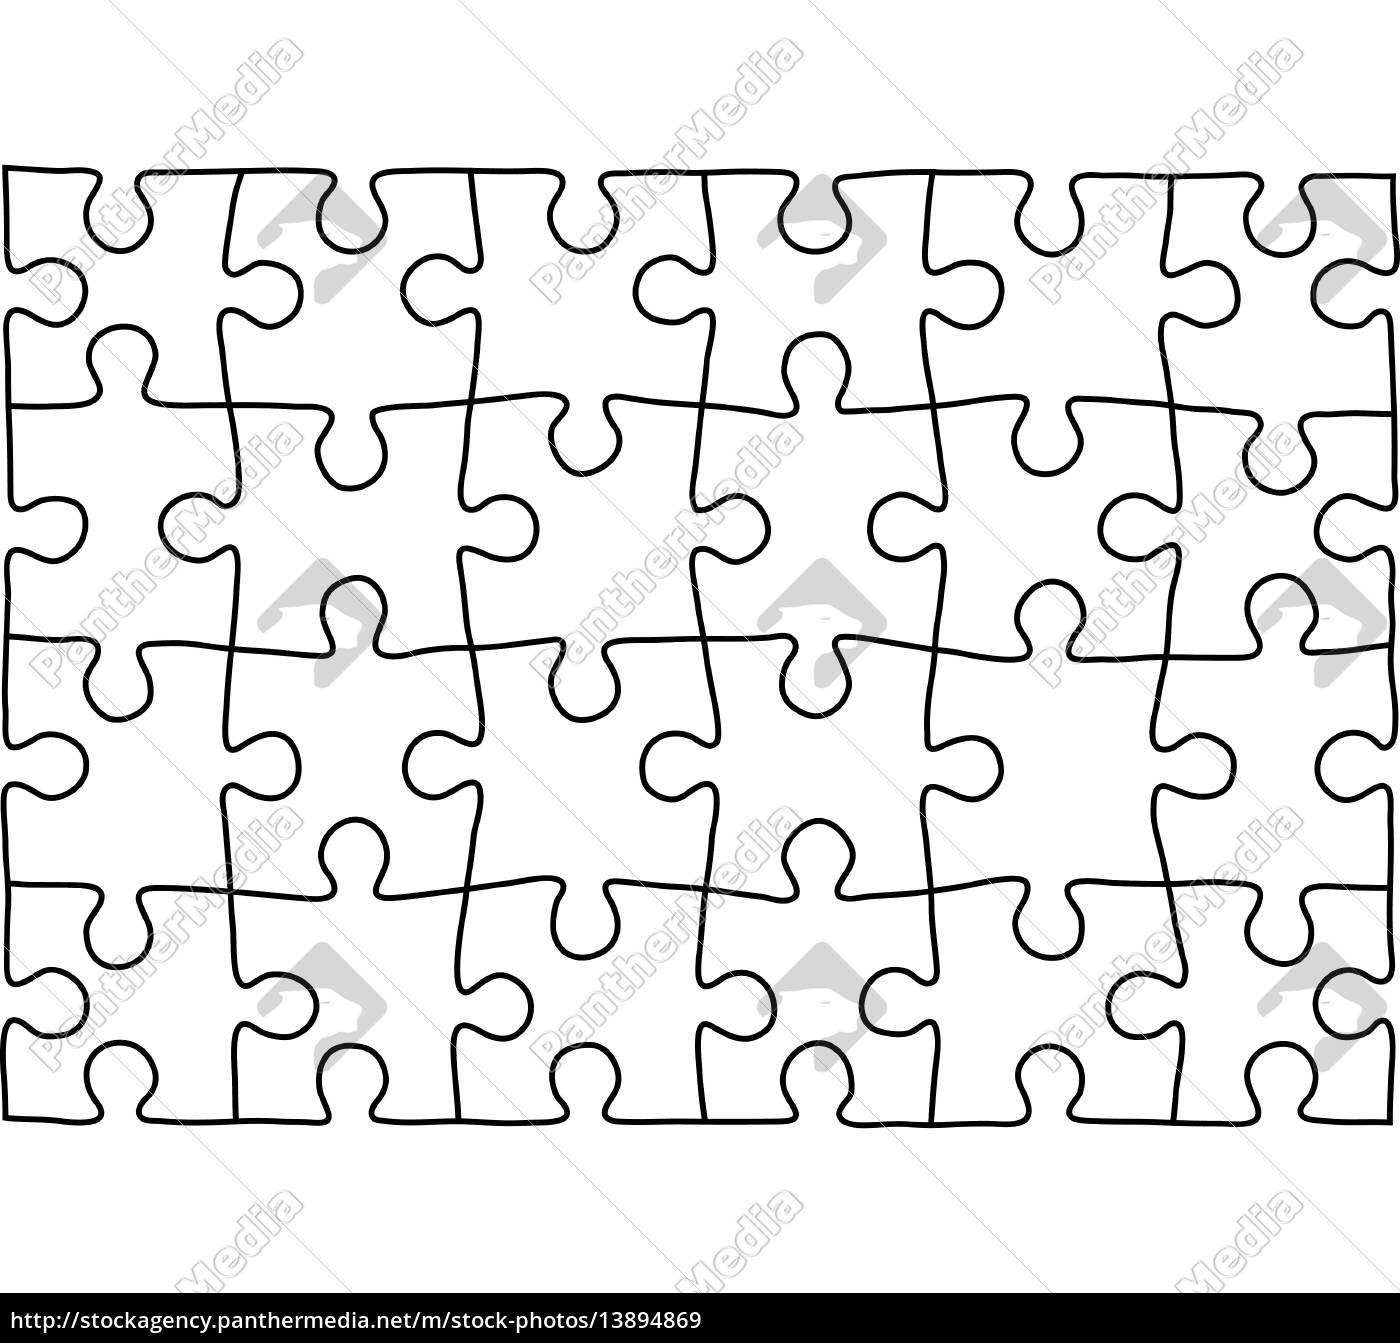 puzzle vorlage. hintergrund für ihre - Stockfoto - #13894869 ...